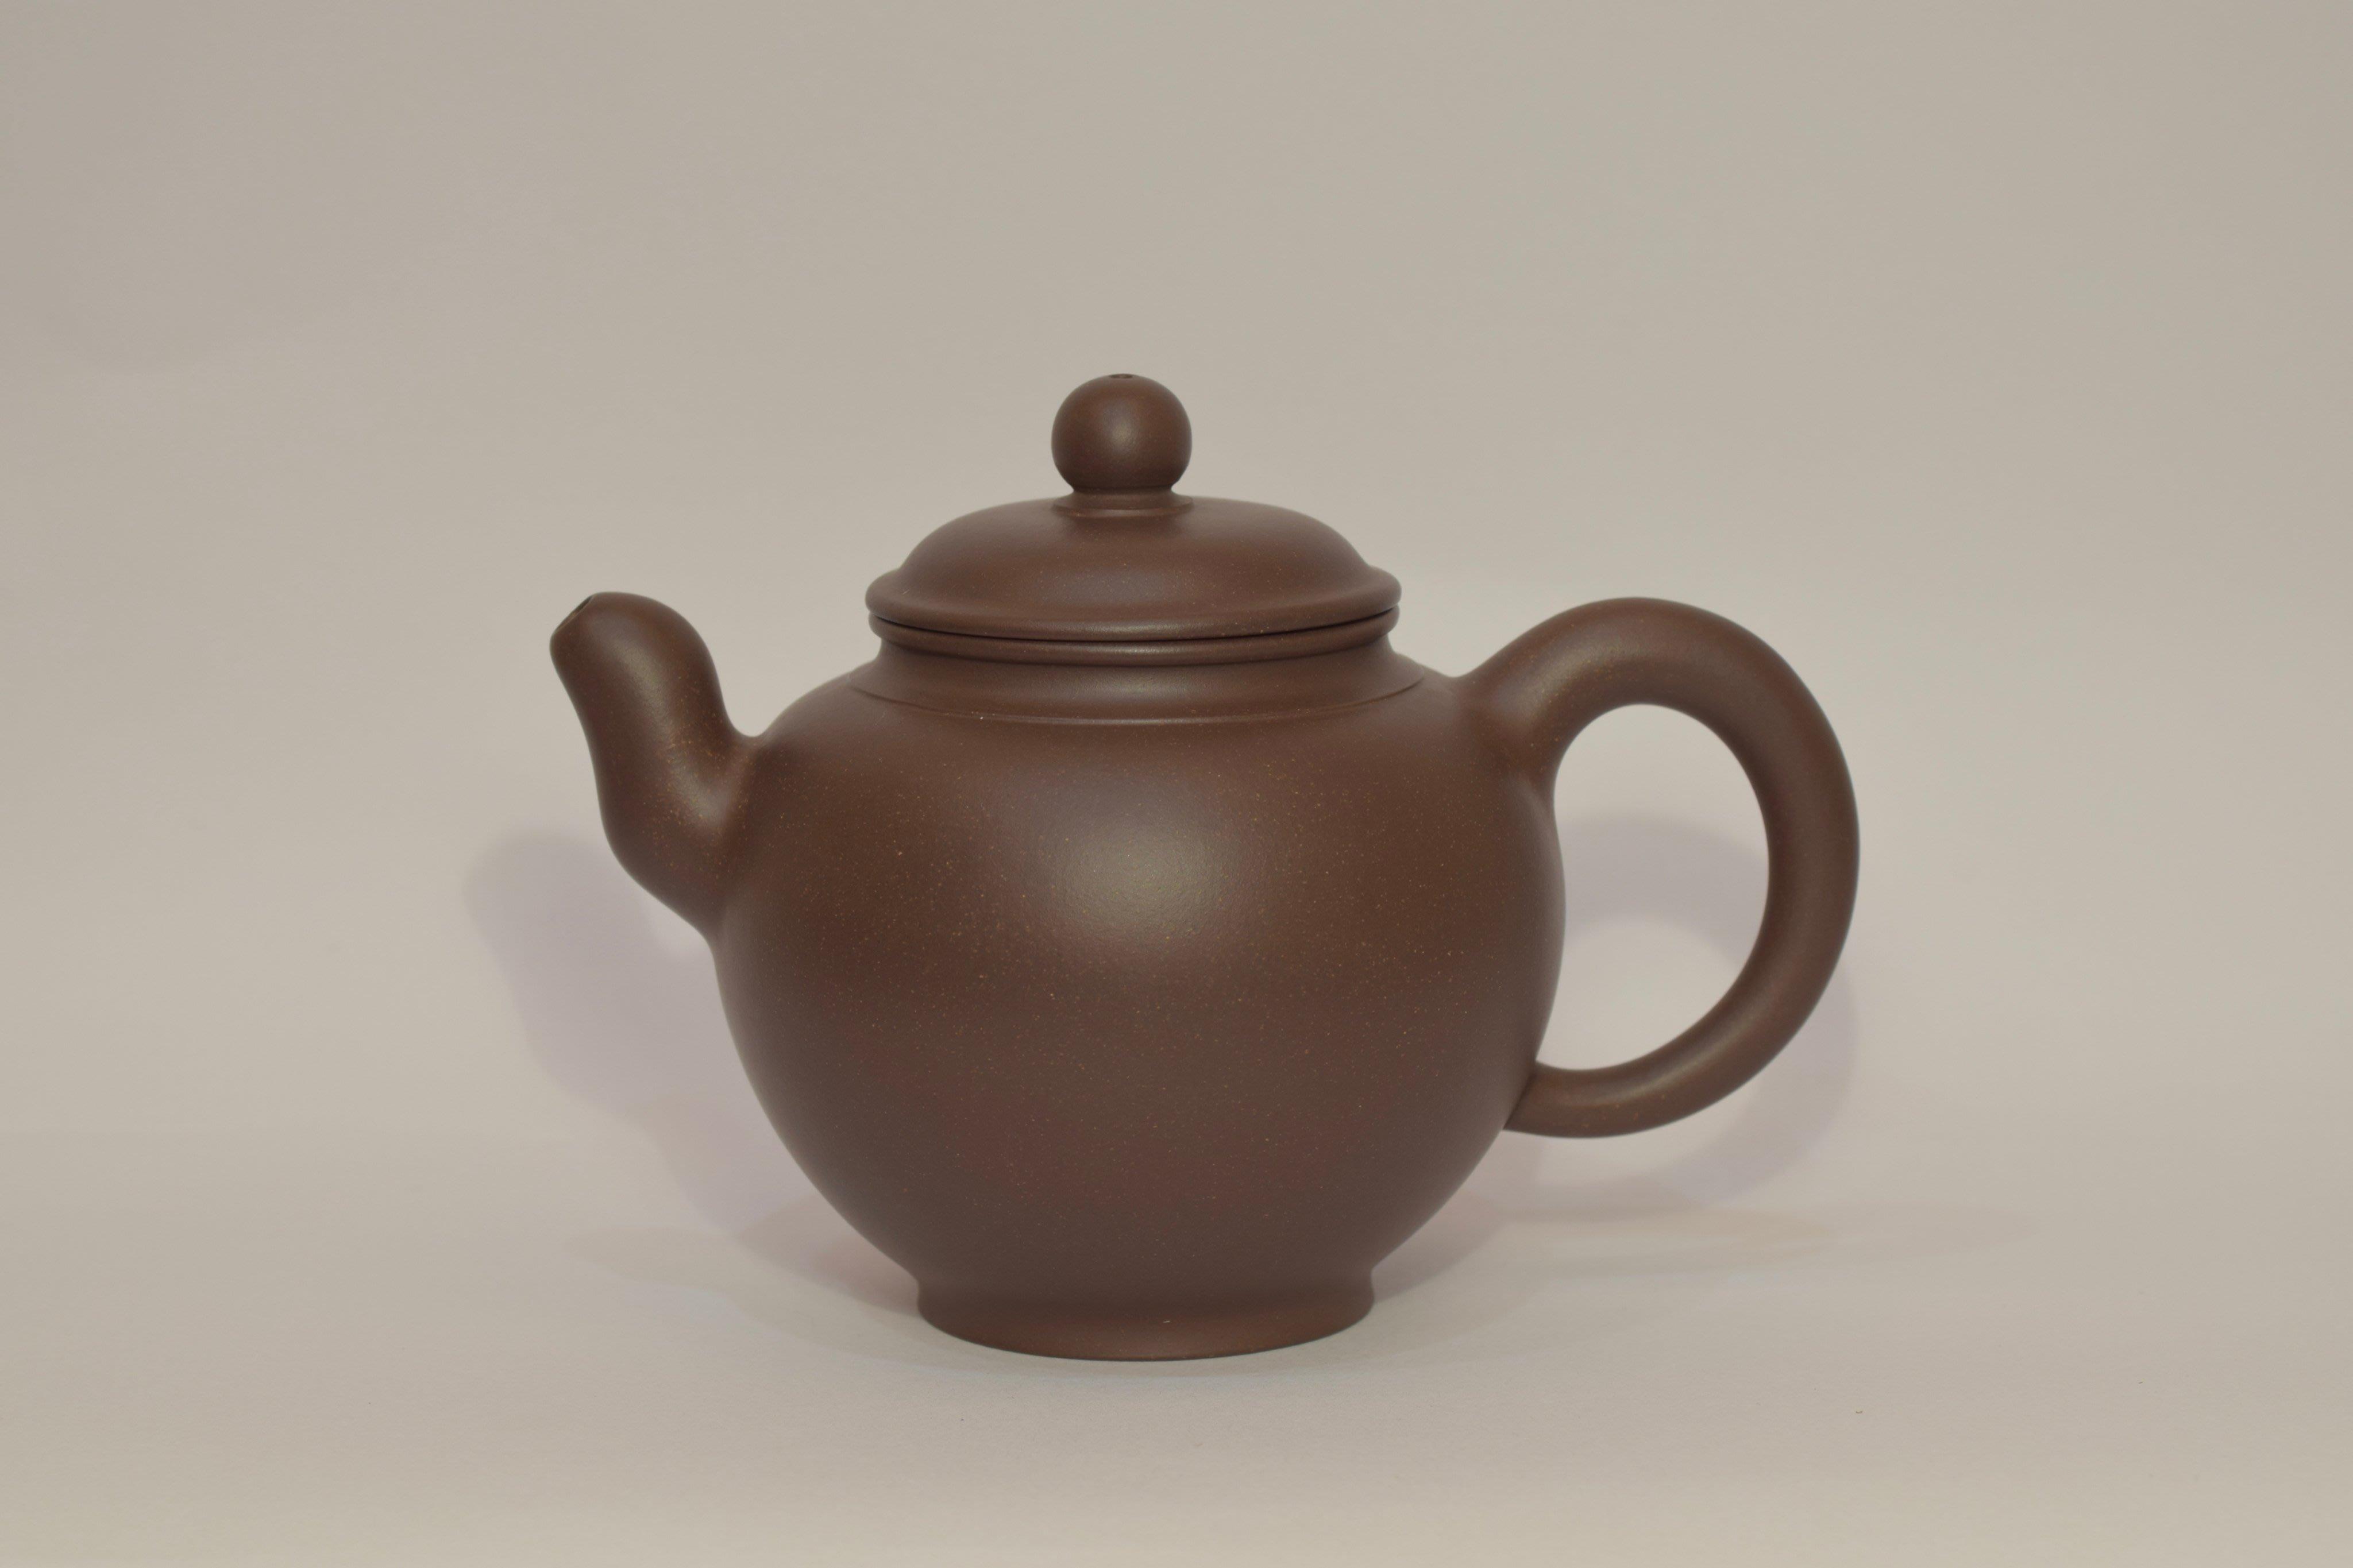 [三奇齋] 早期紫砂圓筒壺 姚志源製 國家級高級工藝美術師